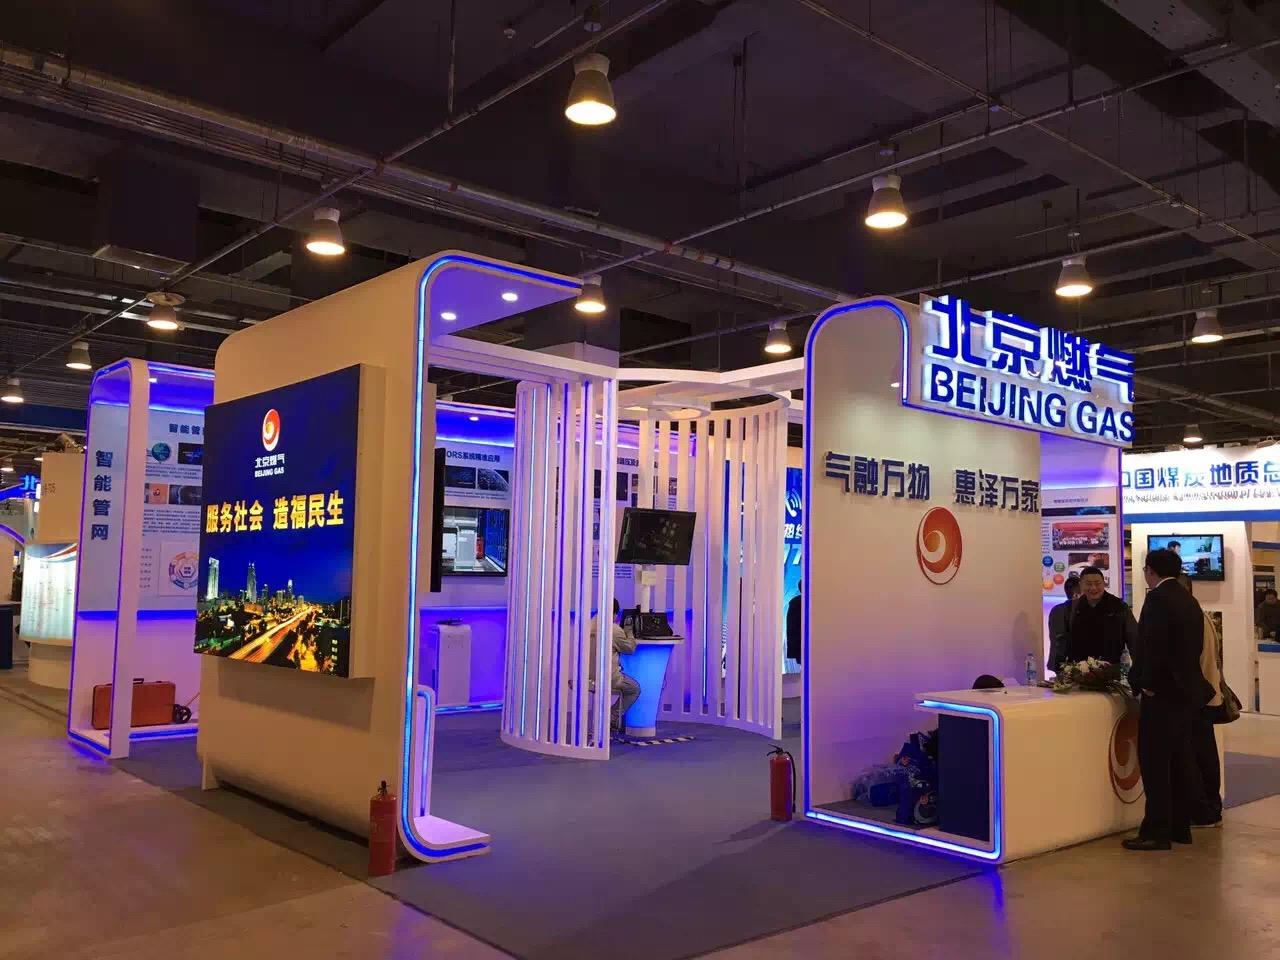 北京市燃气集团有限责任公司 北京国际地下管线展览会